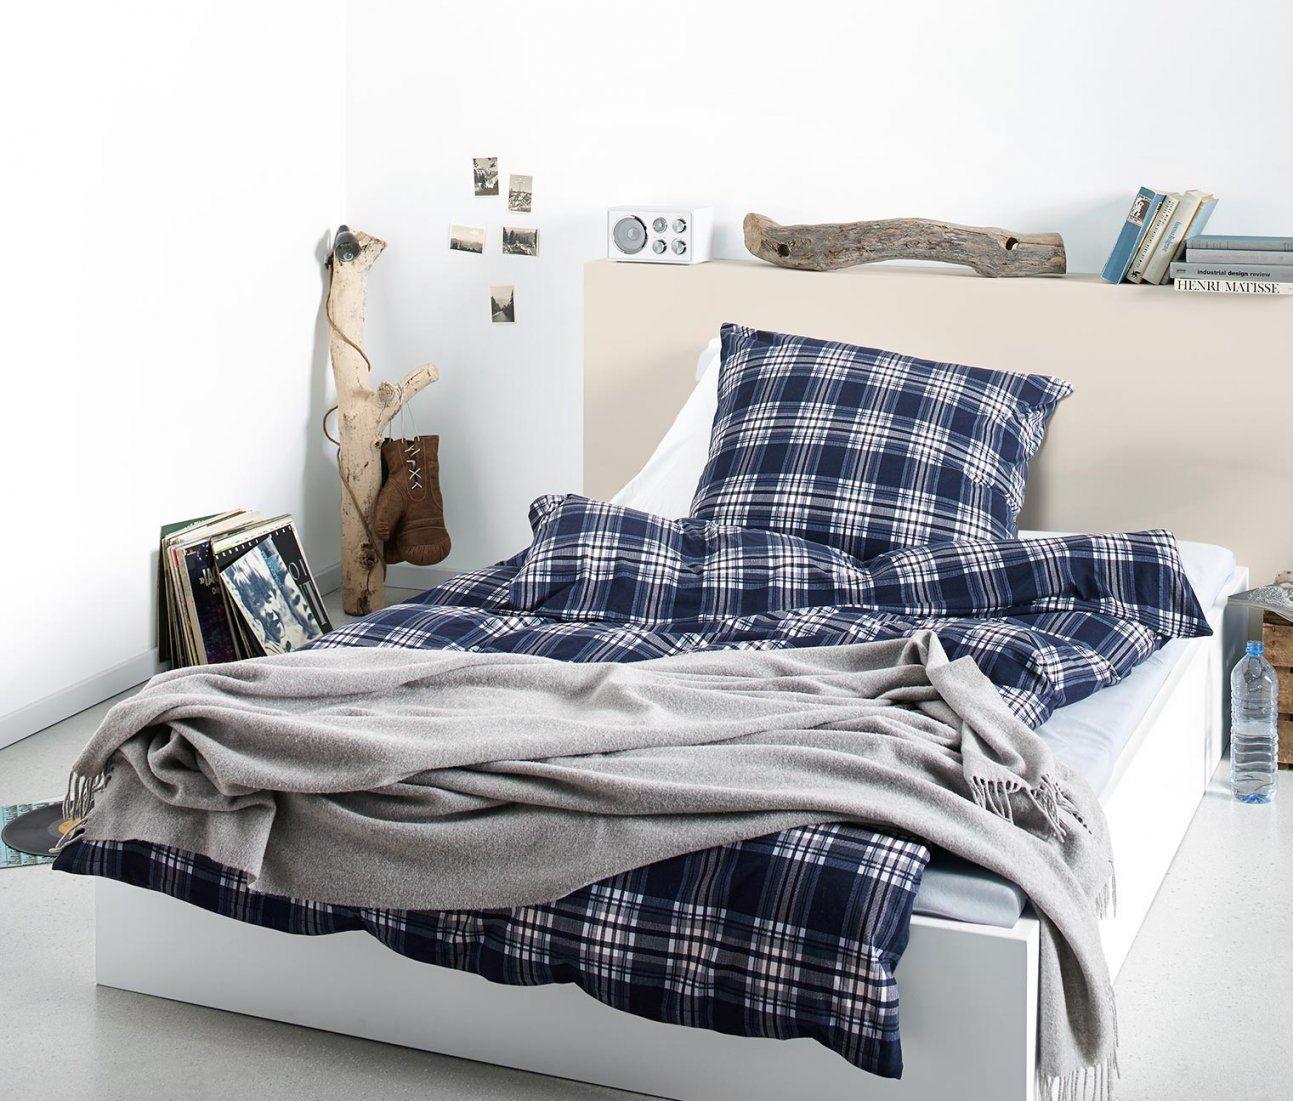 Jerseybettwäsche Blaues Karodessin Online Bestellen Bei Tchibo 309828 von Tchibo Bettwäsche Jersey Photo